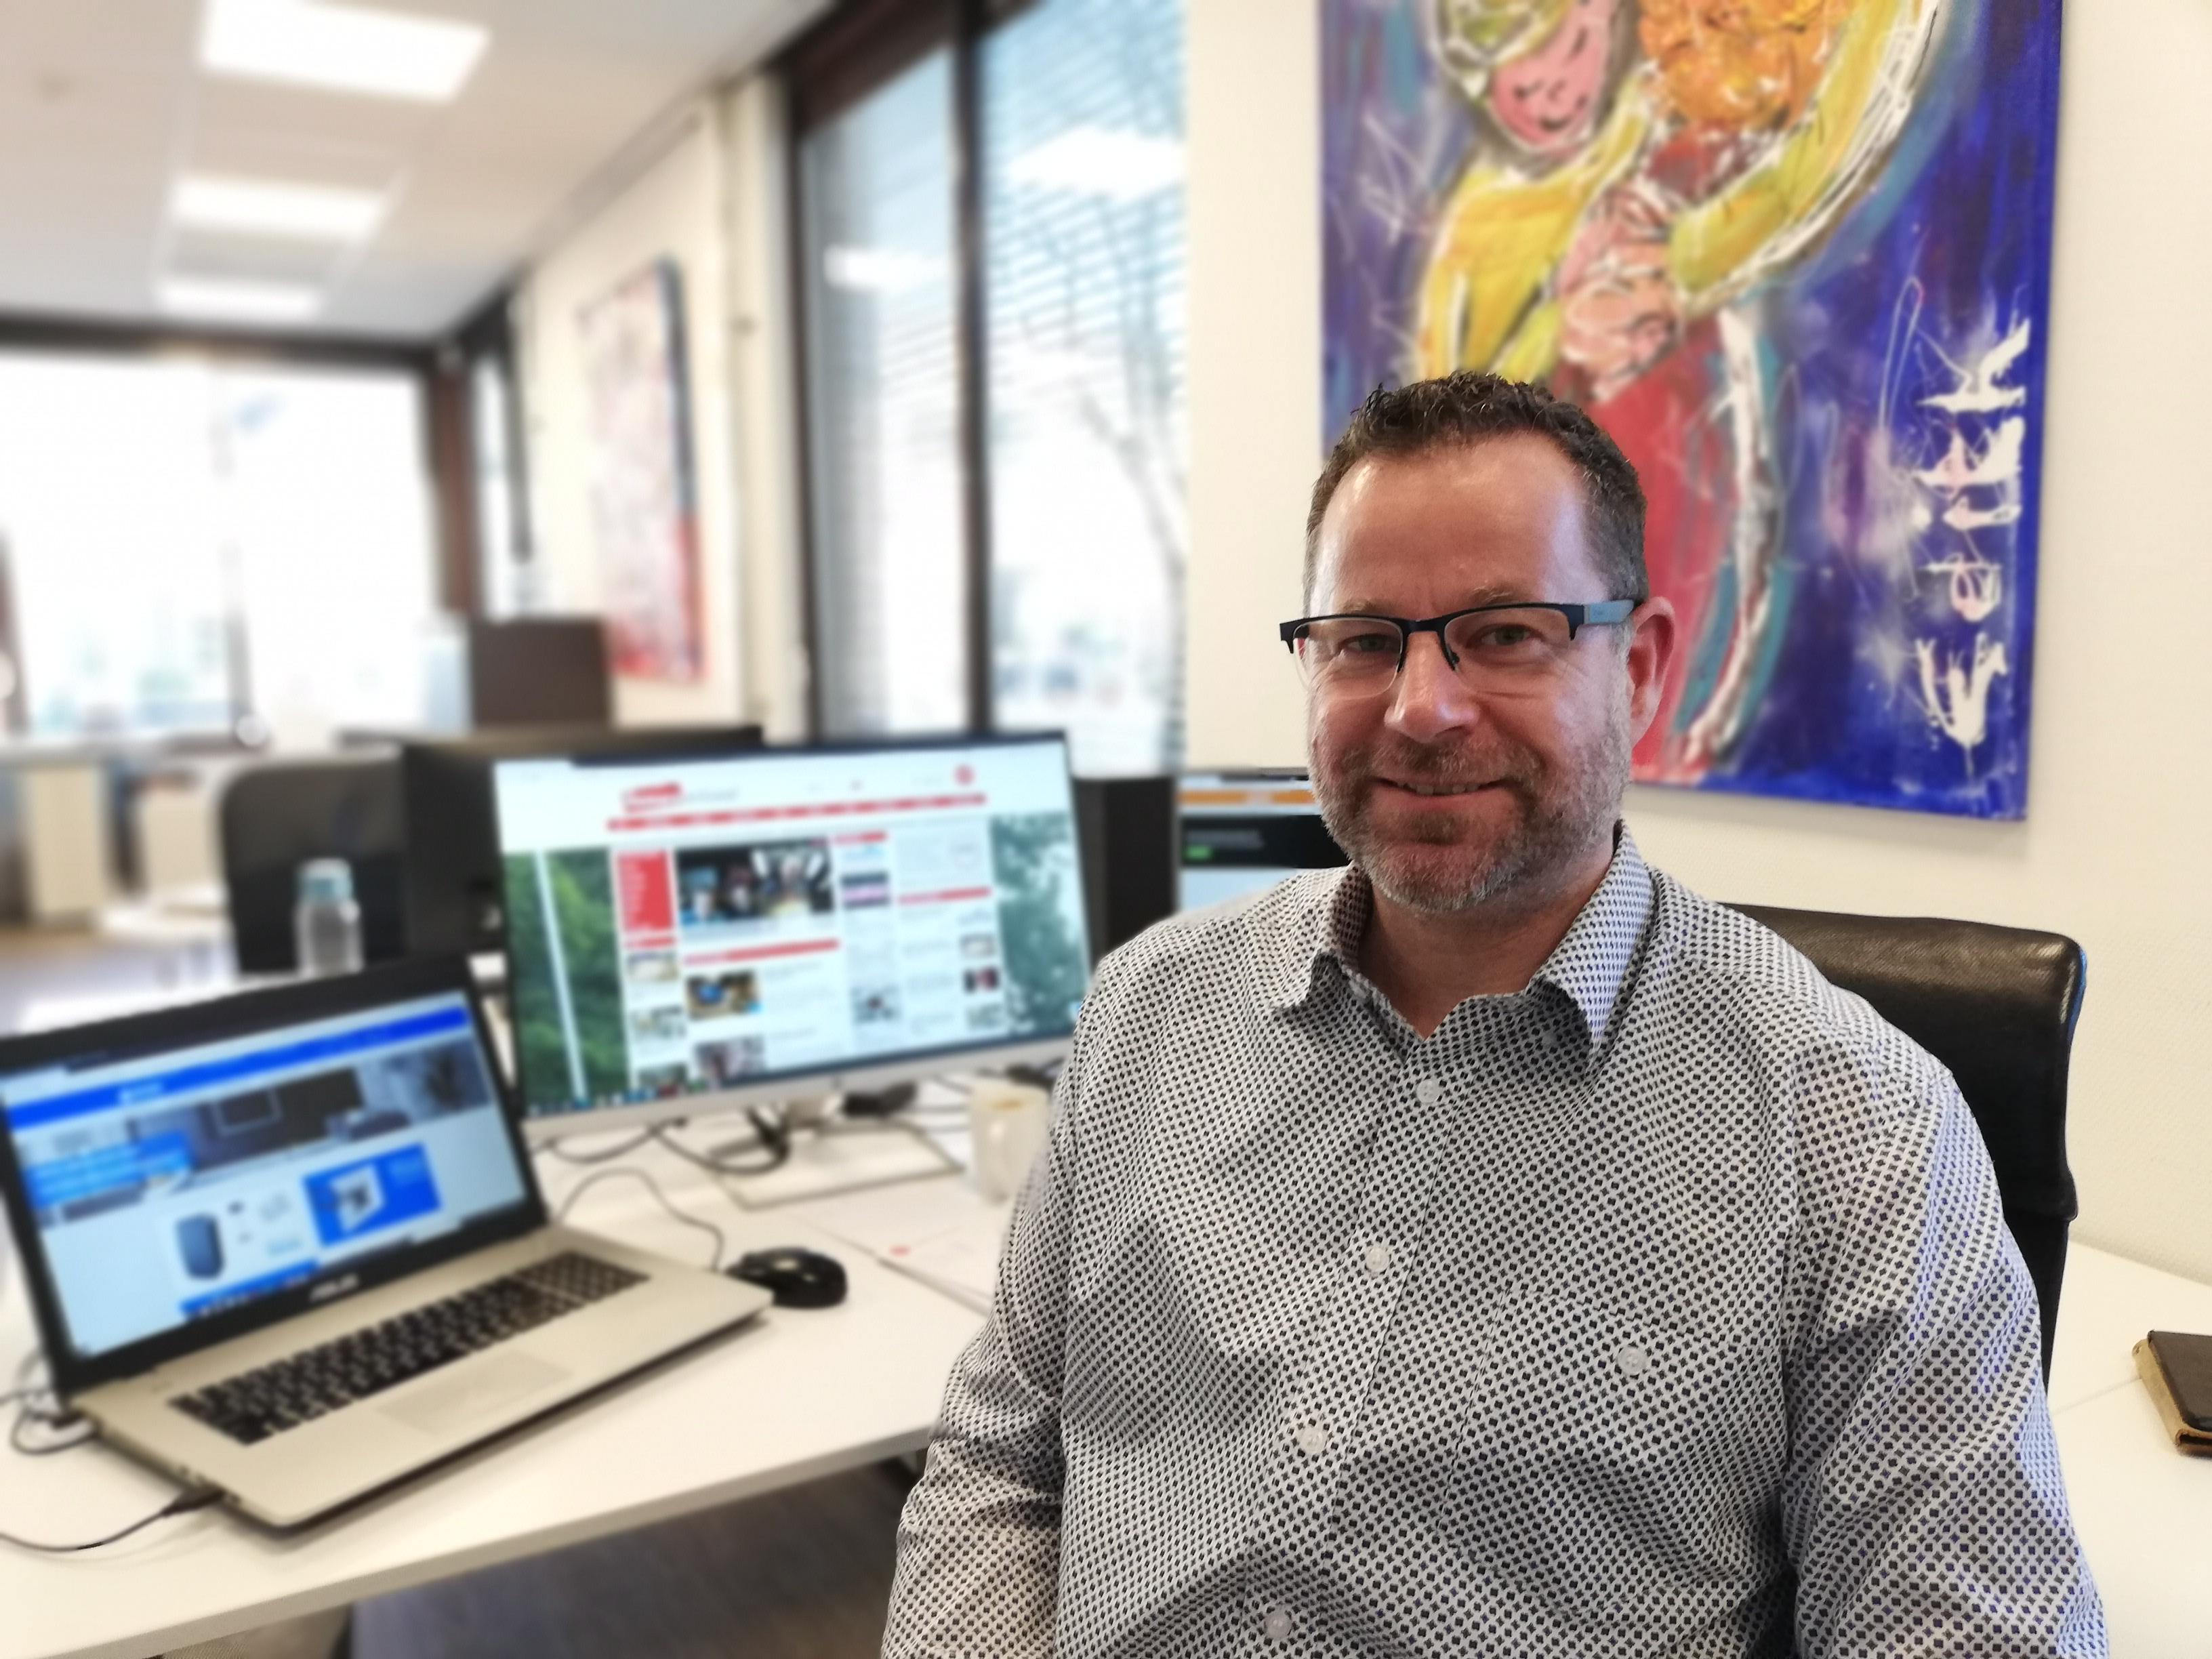 Pascal Lindeman van Fullservice internetbureau Blik op online